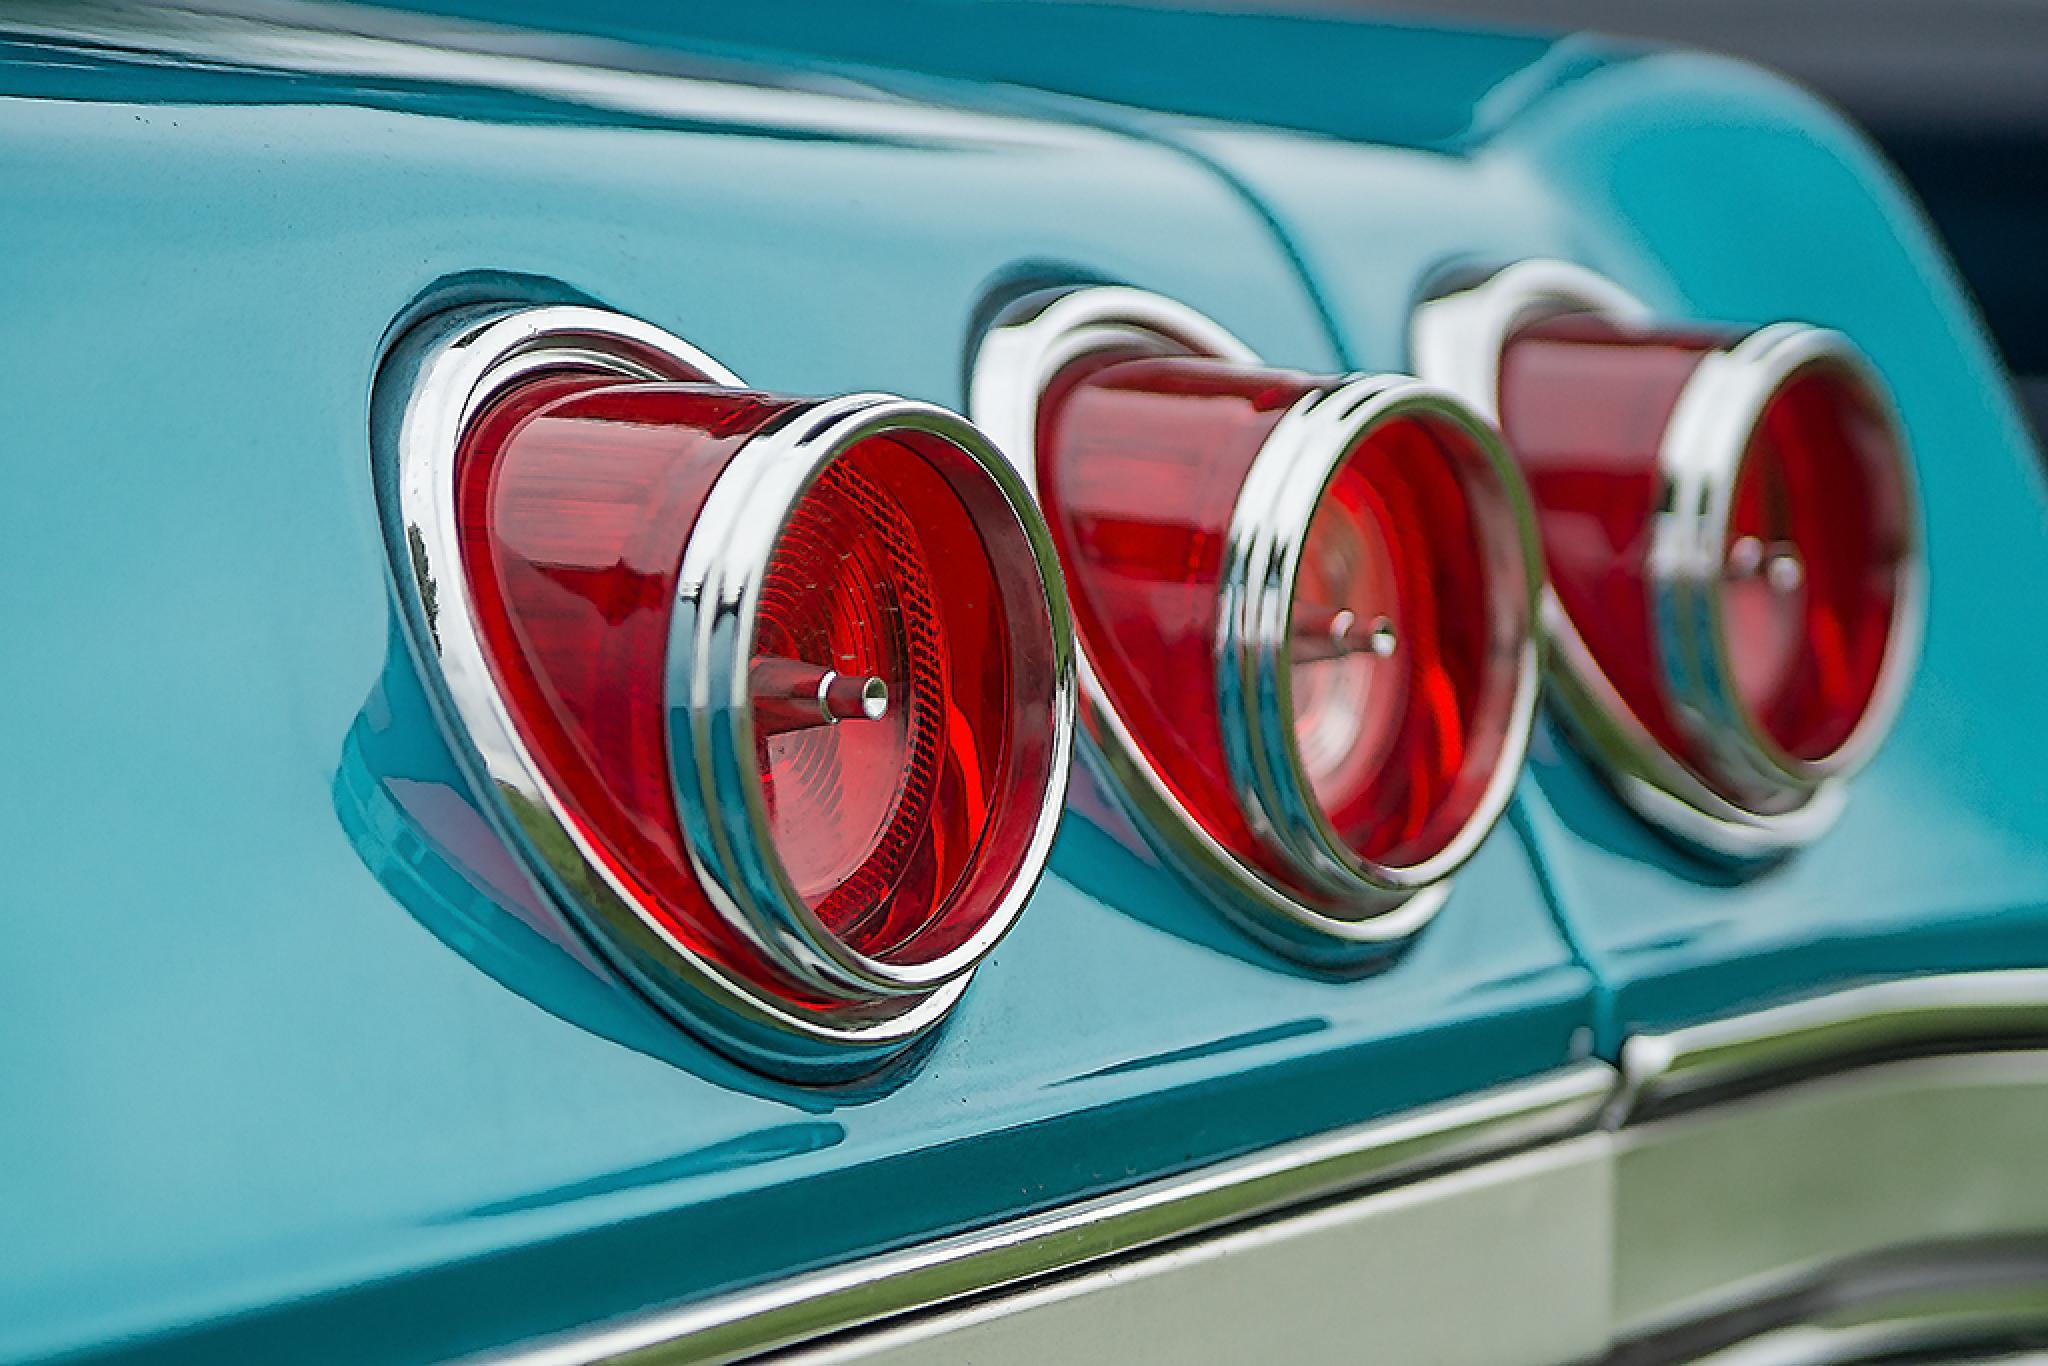 rear lights by Leo Walter